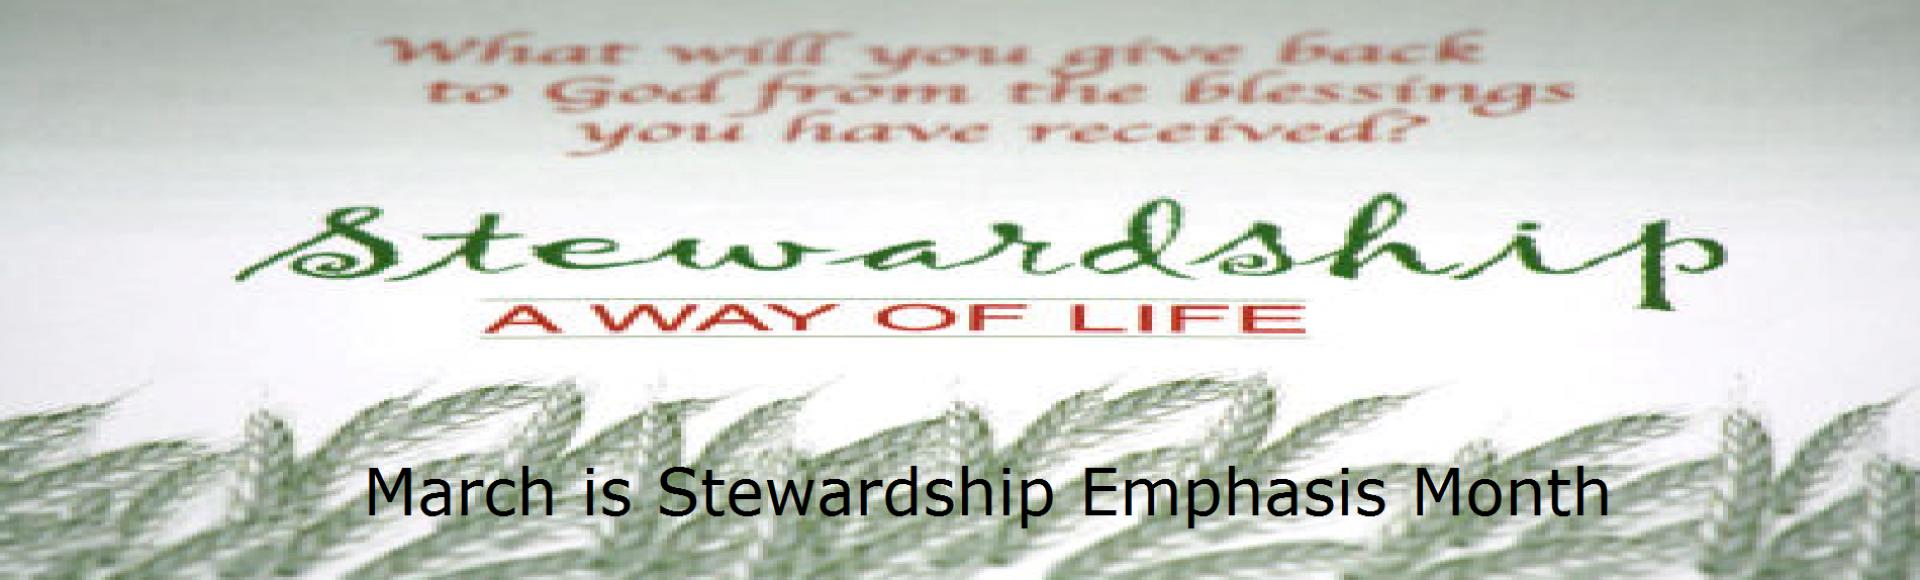 Stewardship Emphasis Month